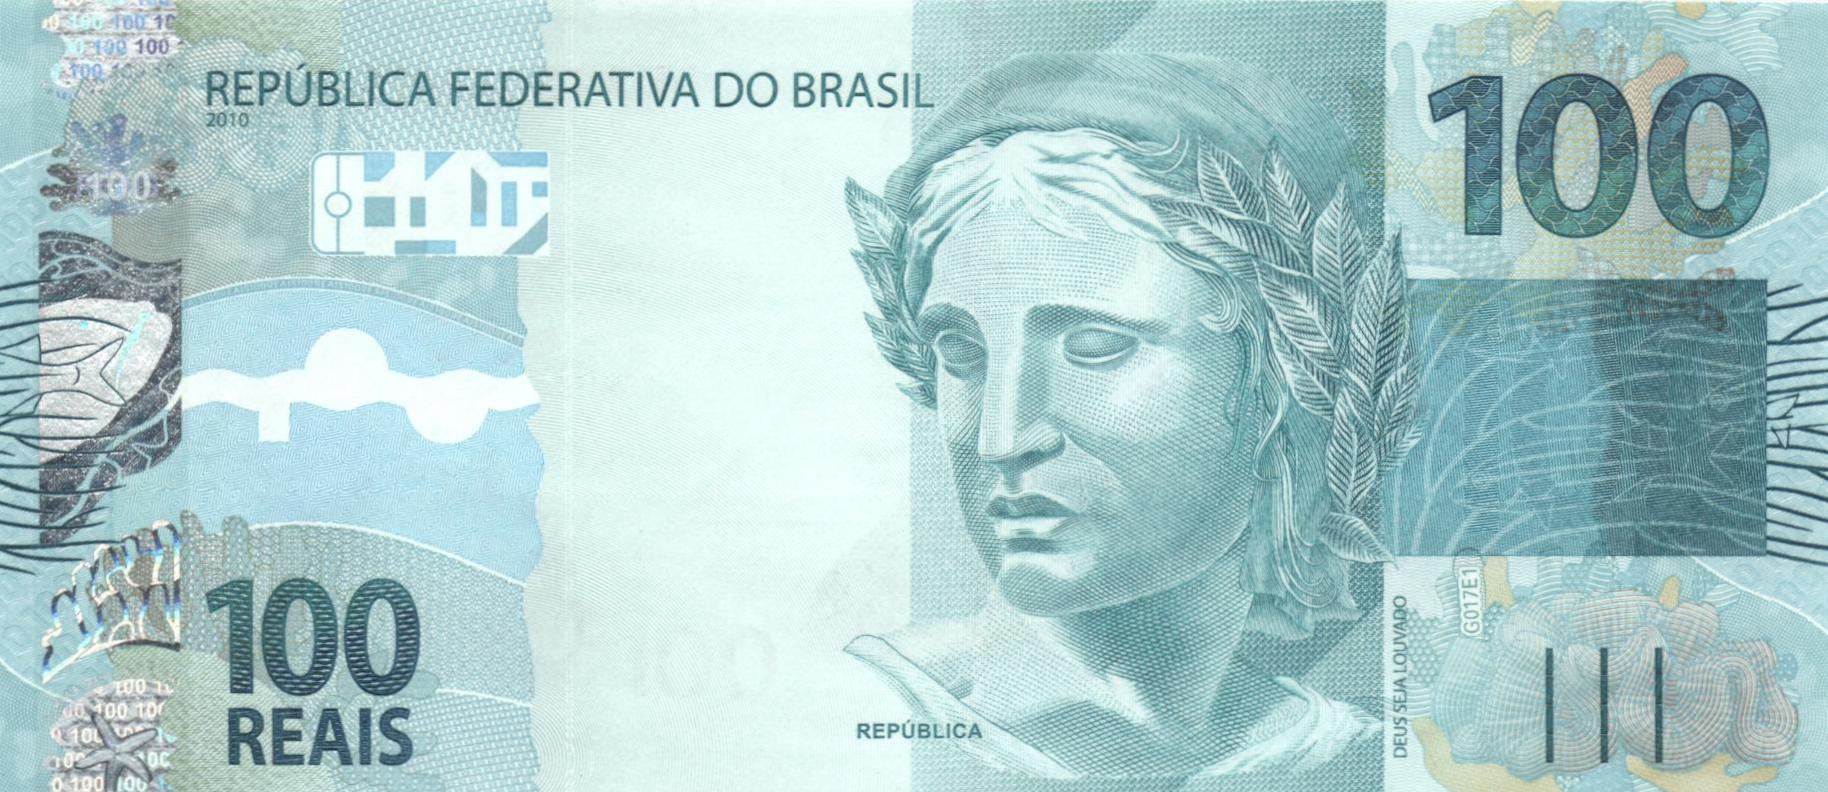 BRA-0257d-a